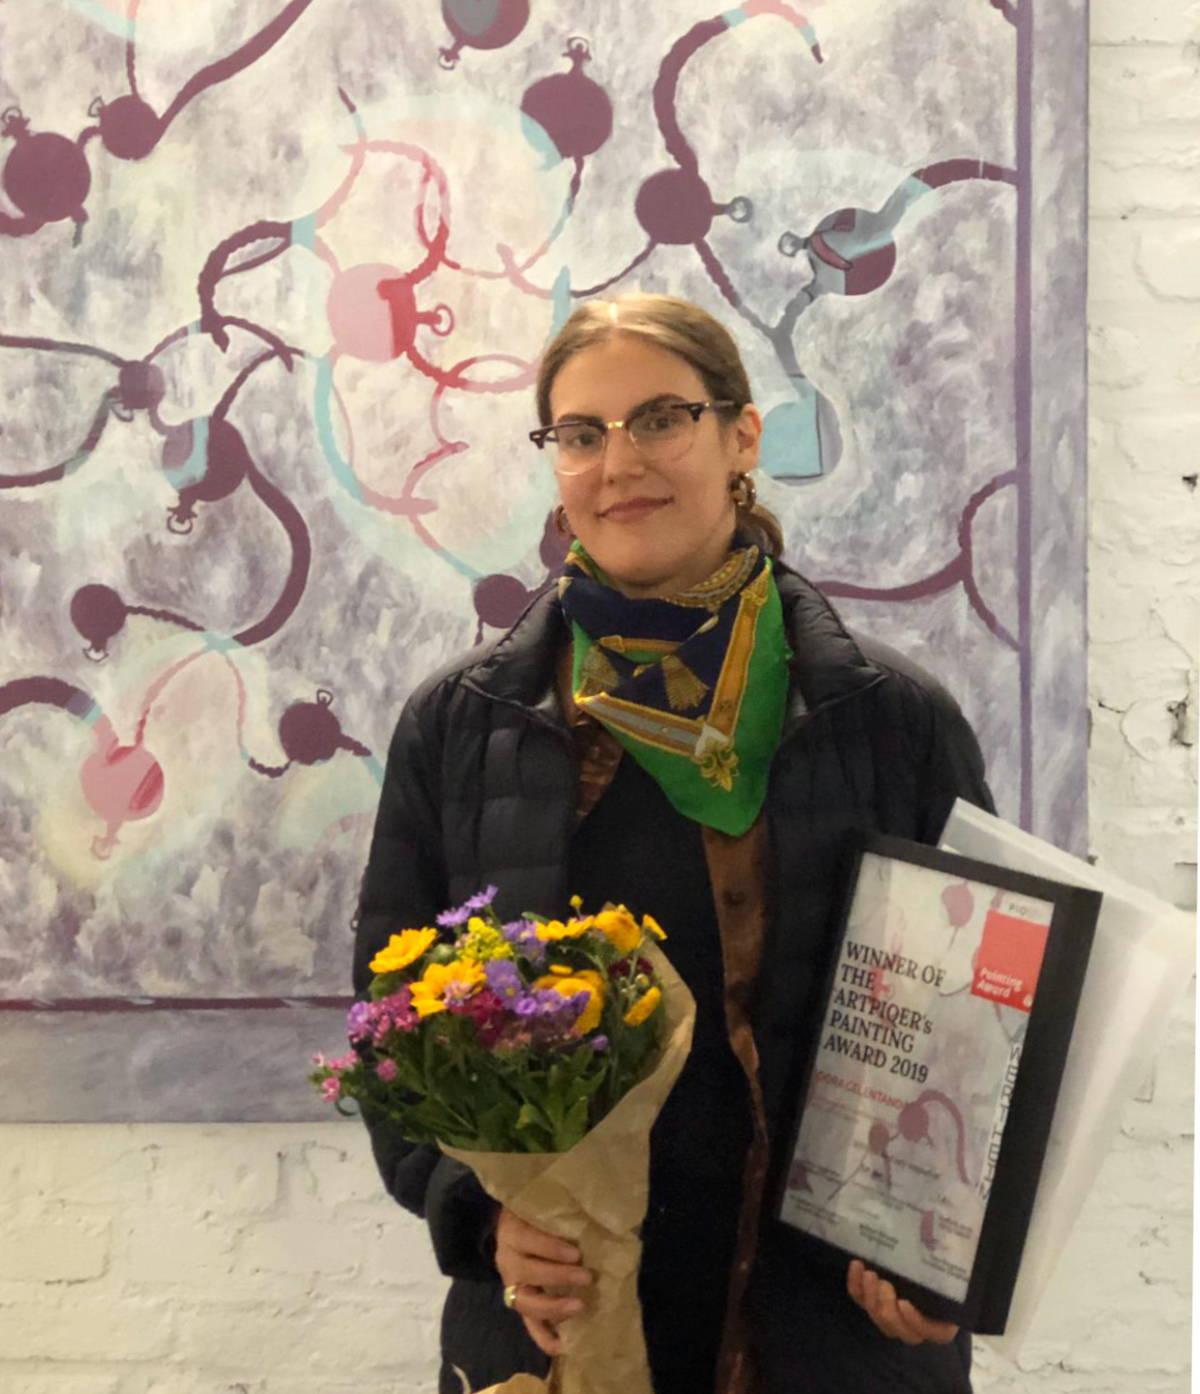 painting award winner Dora Celentano